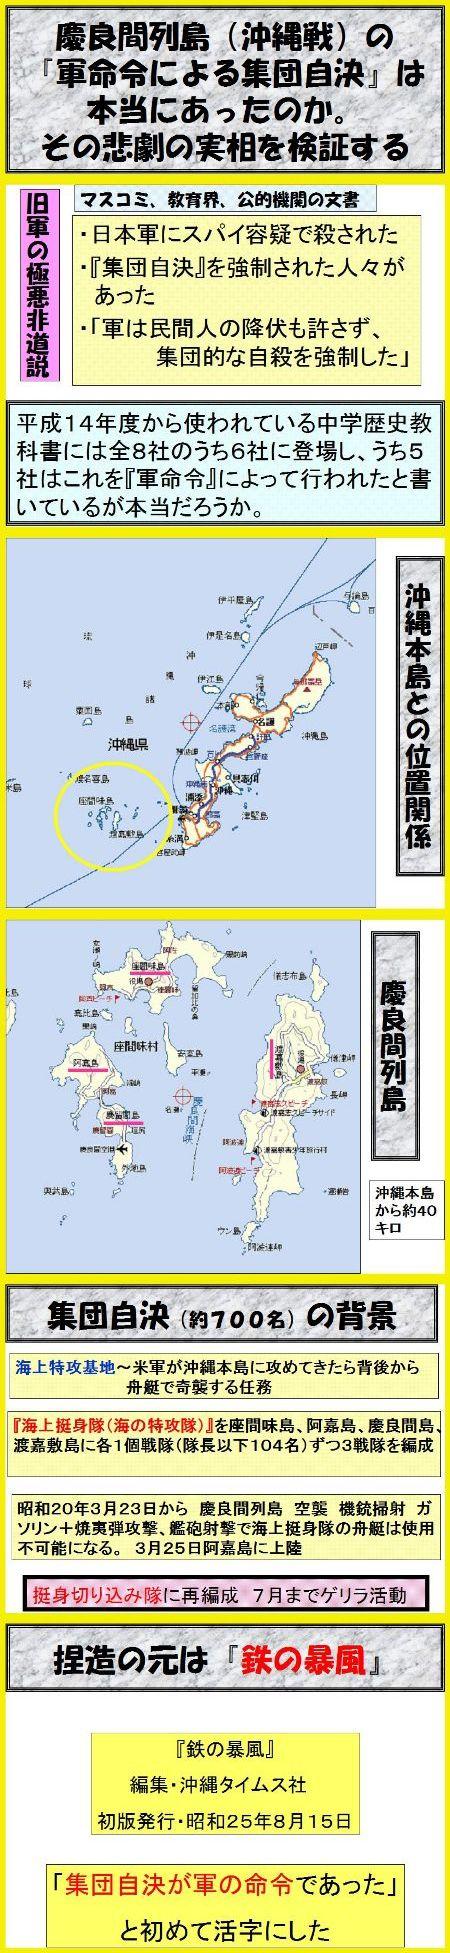 沖縄集団自決の真相1